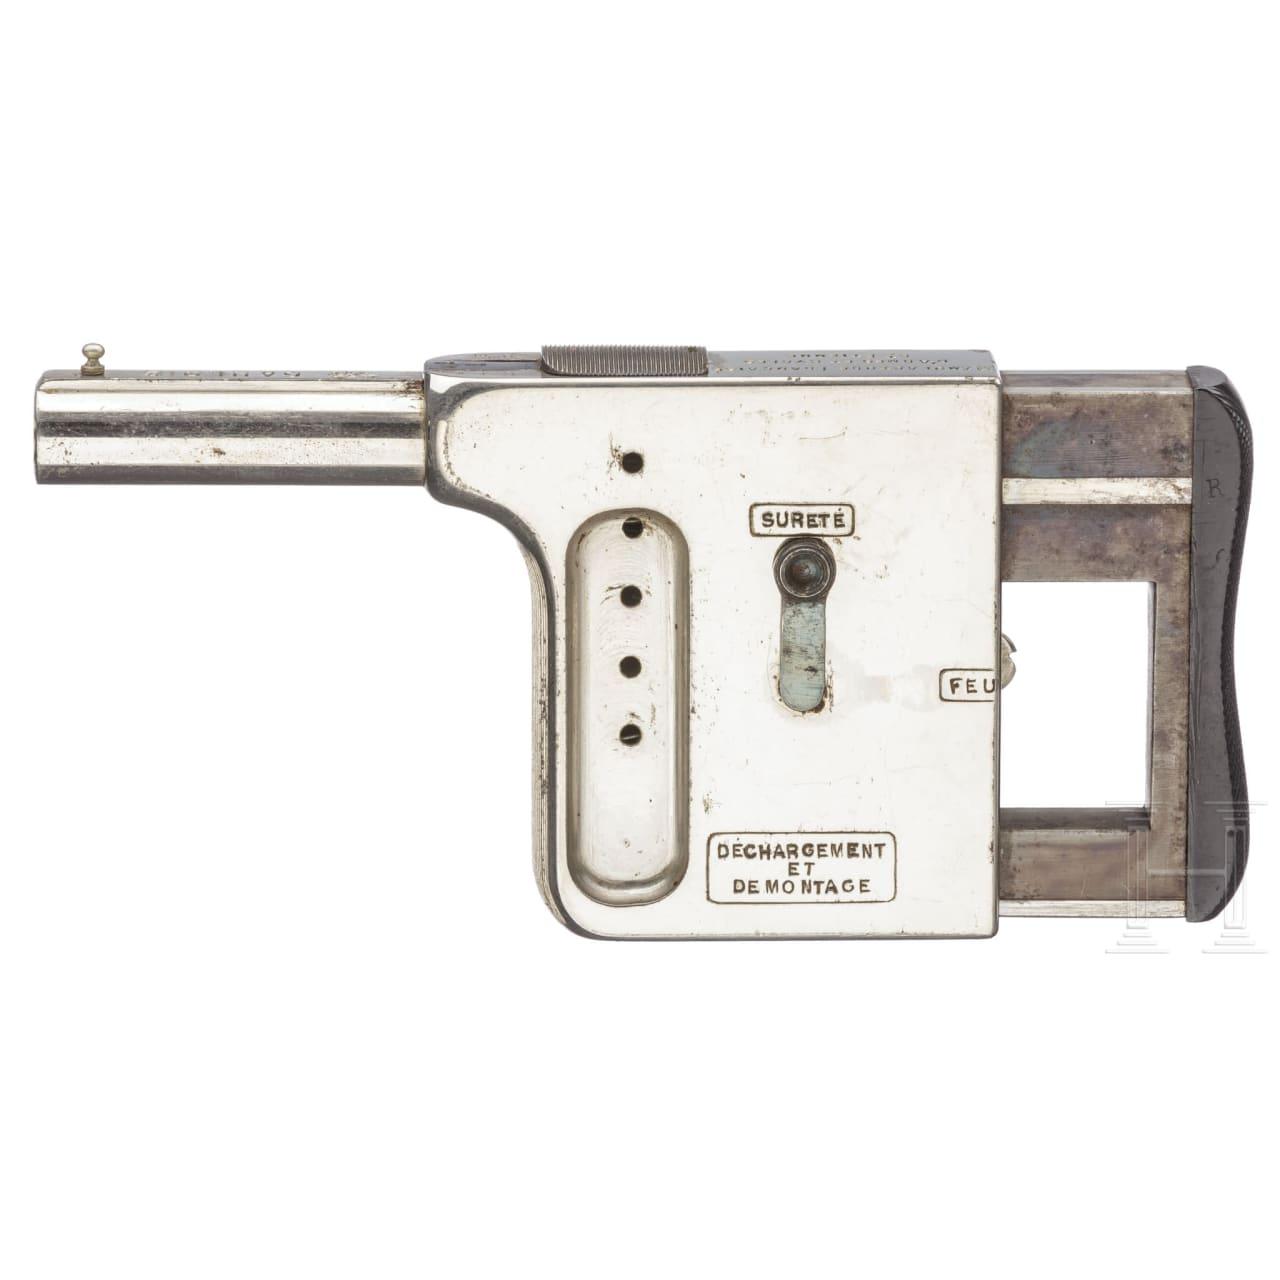 Gaulois-Handdruckpistole No. 1, St. Etienne